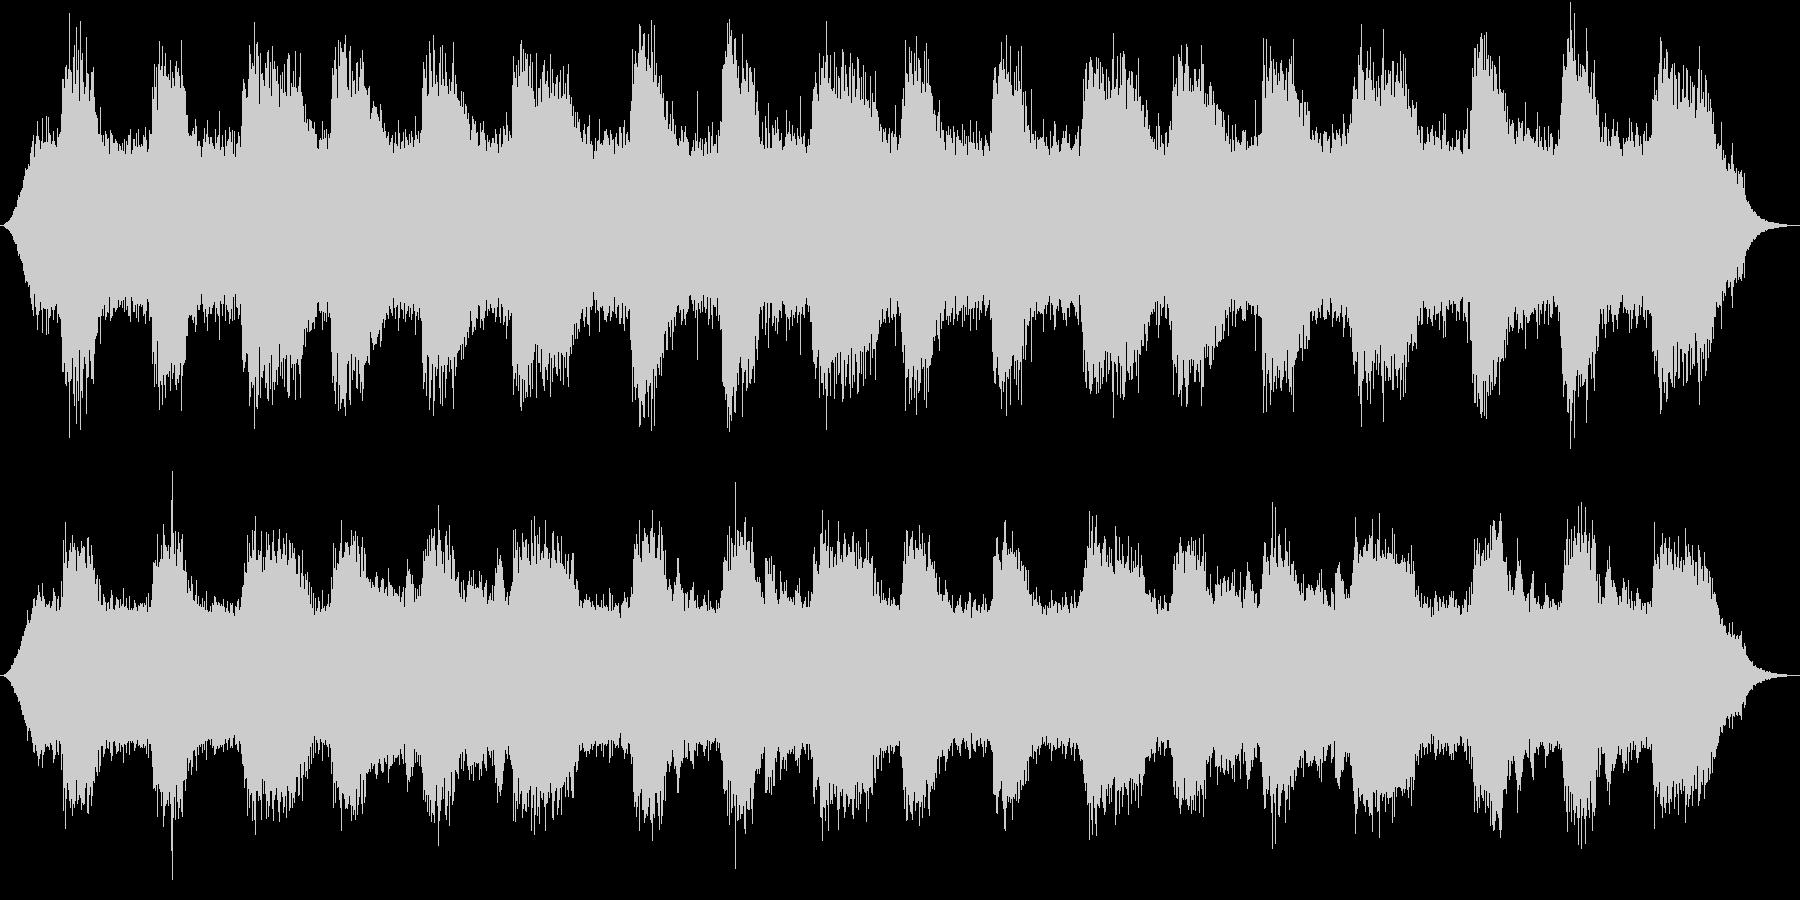 水音に寄り添うように流れるゆったり音楽の未再生の波形